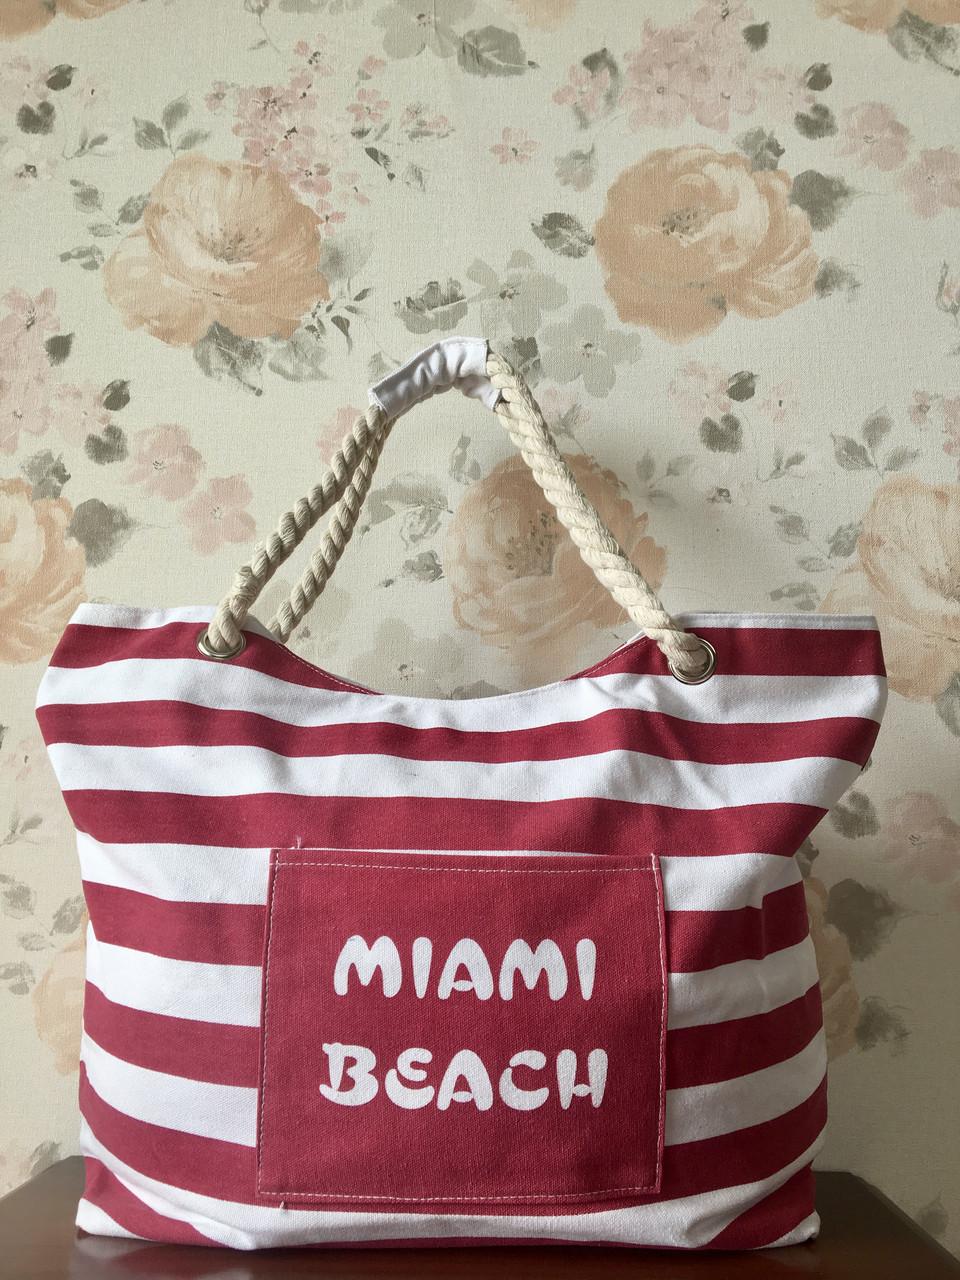 Пляжная сумка красная полоска Miami Beach, цена 250 грн., купить в ... 51a7e3297de